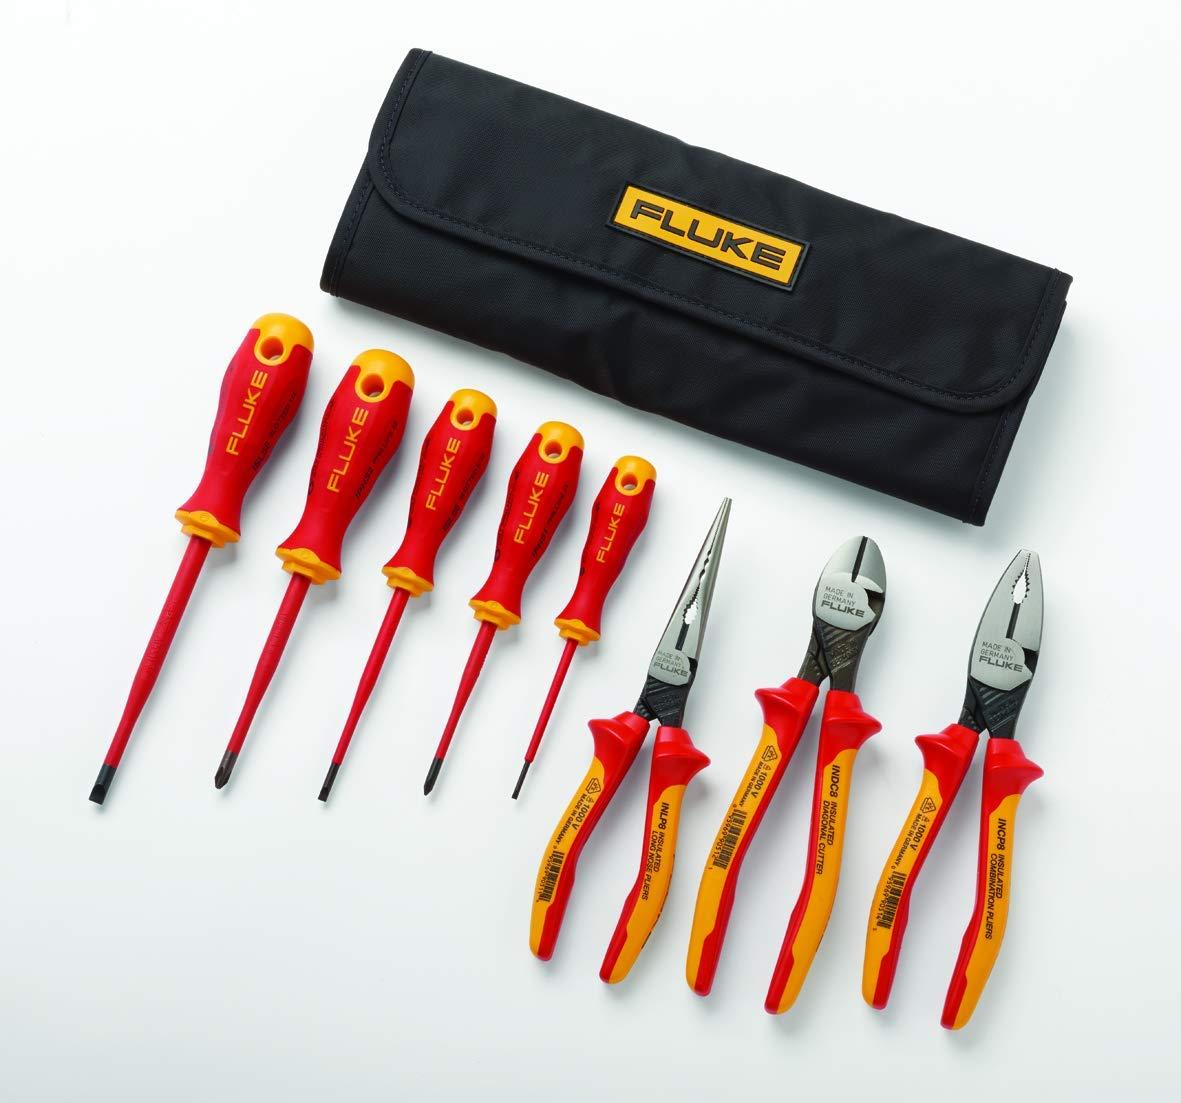 Kit básico de herramientas de mano aisladas: 5 destornilladores aislados y 3 alicates aislados, 1000 V